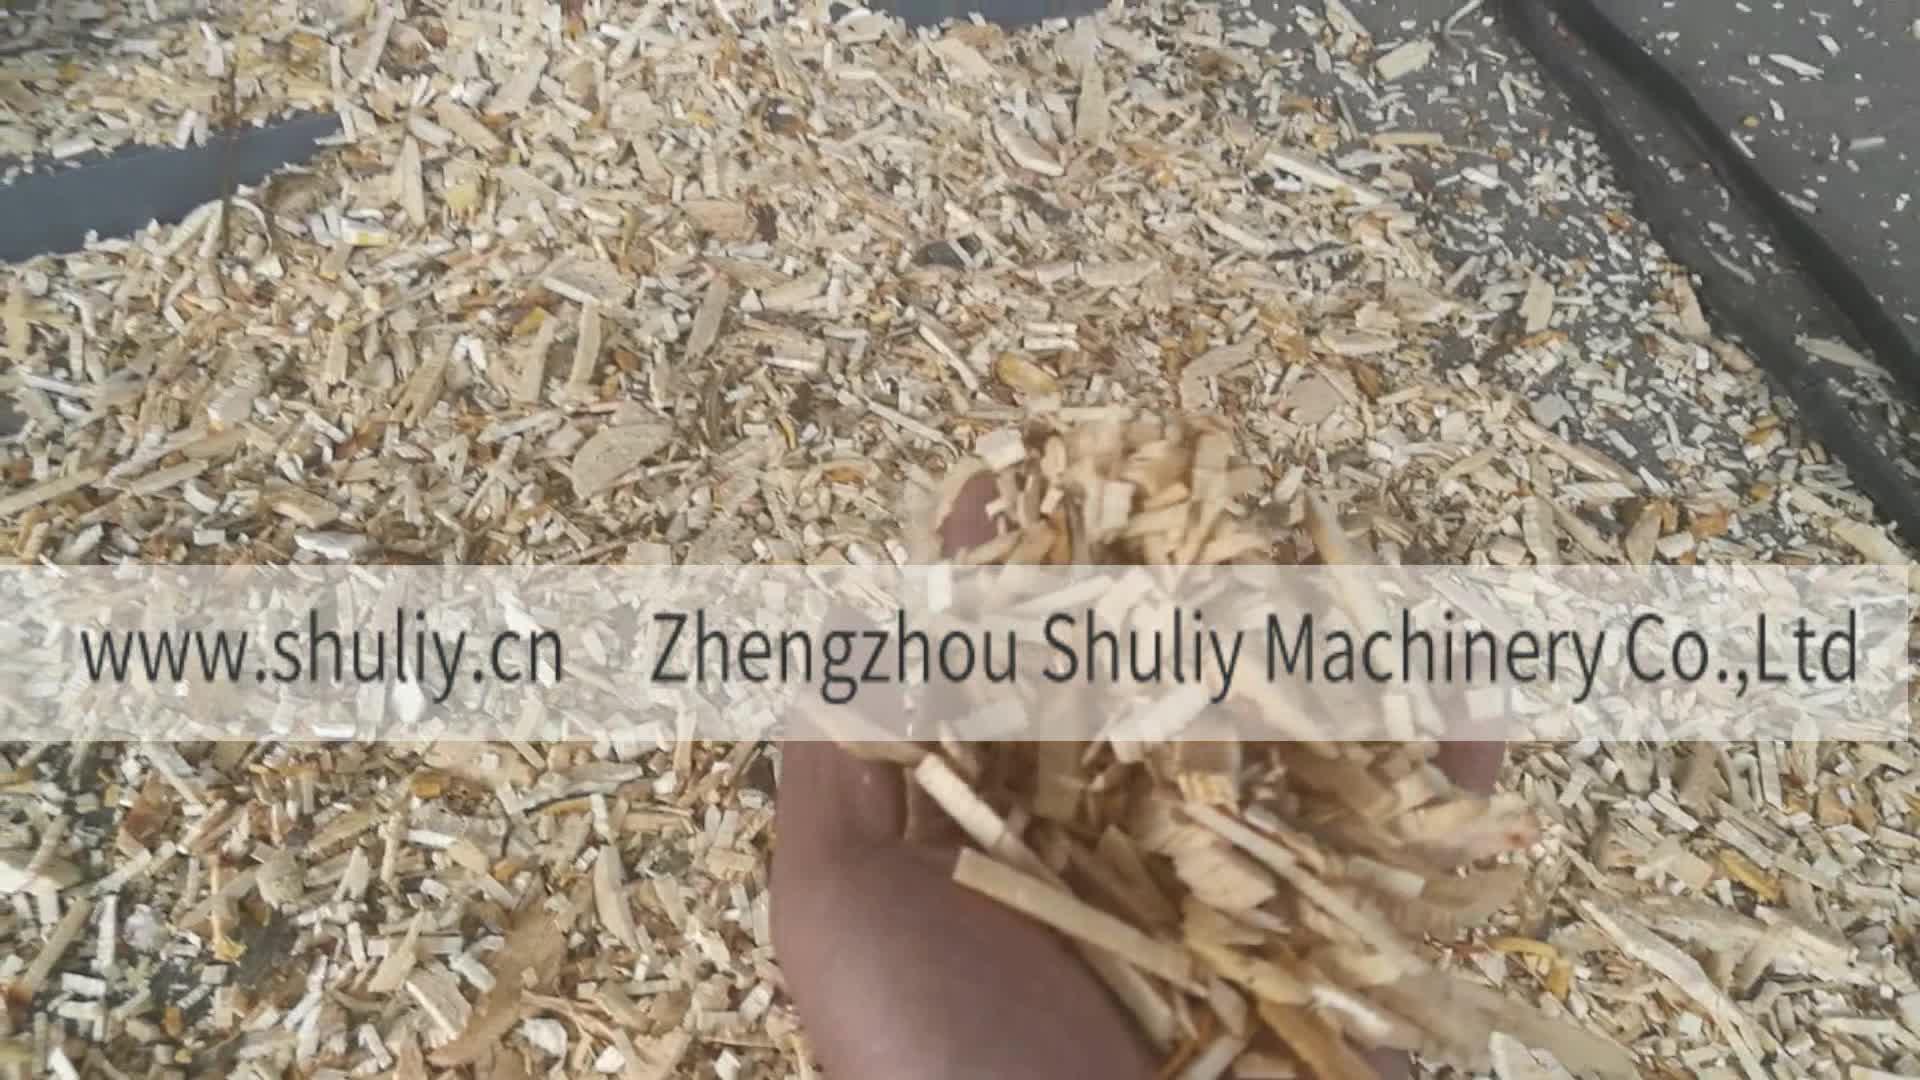 Shuliy ट्रेलर घुड़सवार पत्ती तकलीफ बड़ा लकड़ी के टुकड़े मशीन भारत में तकलीफ मशीन